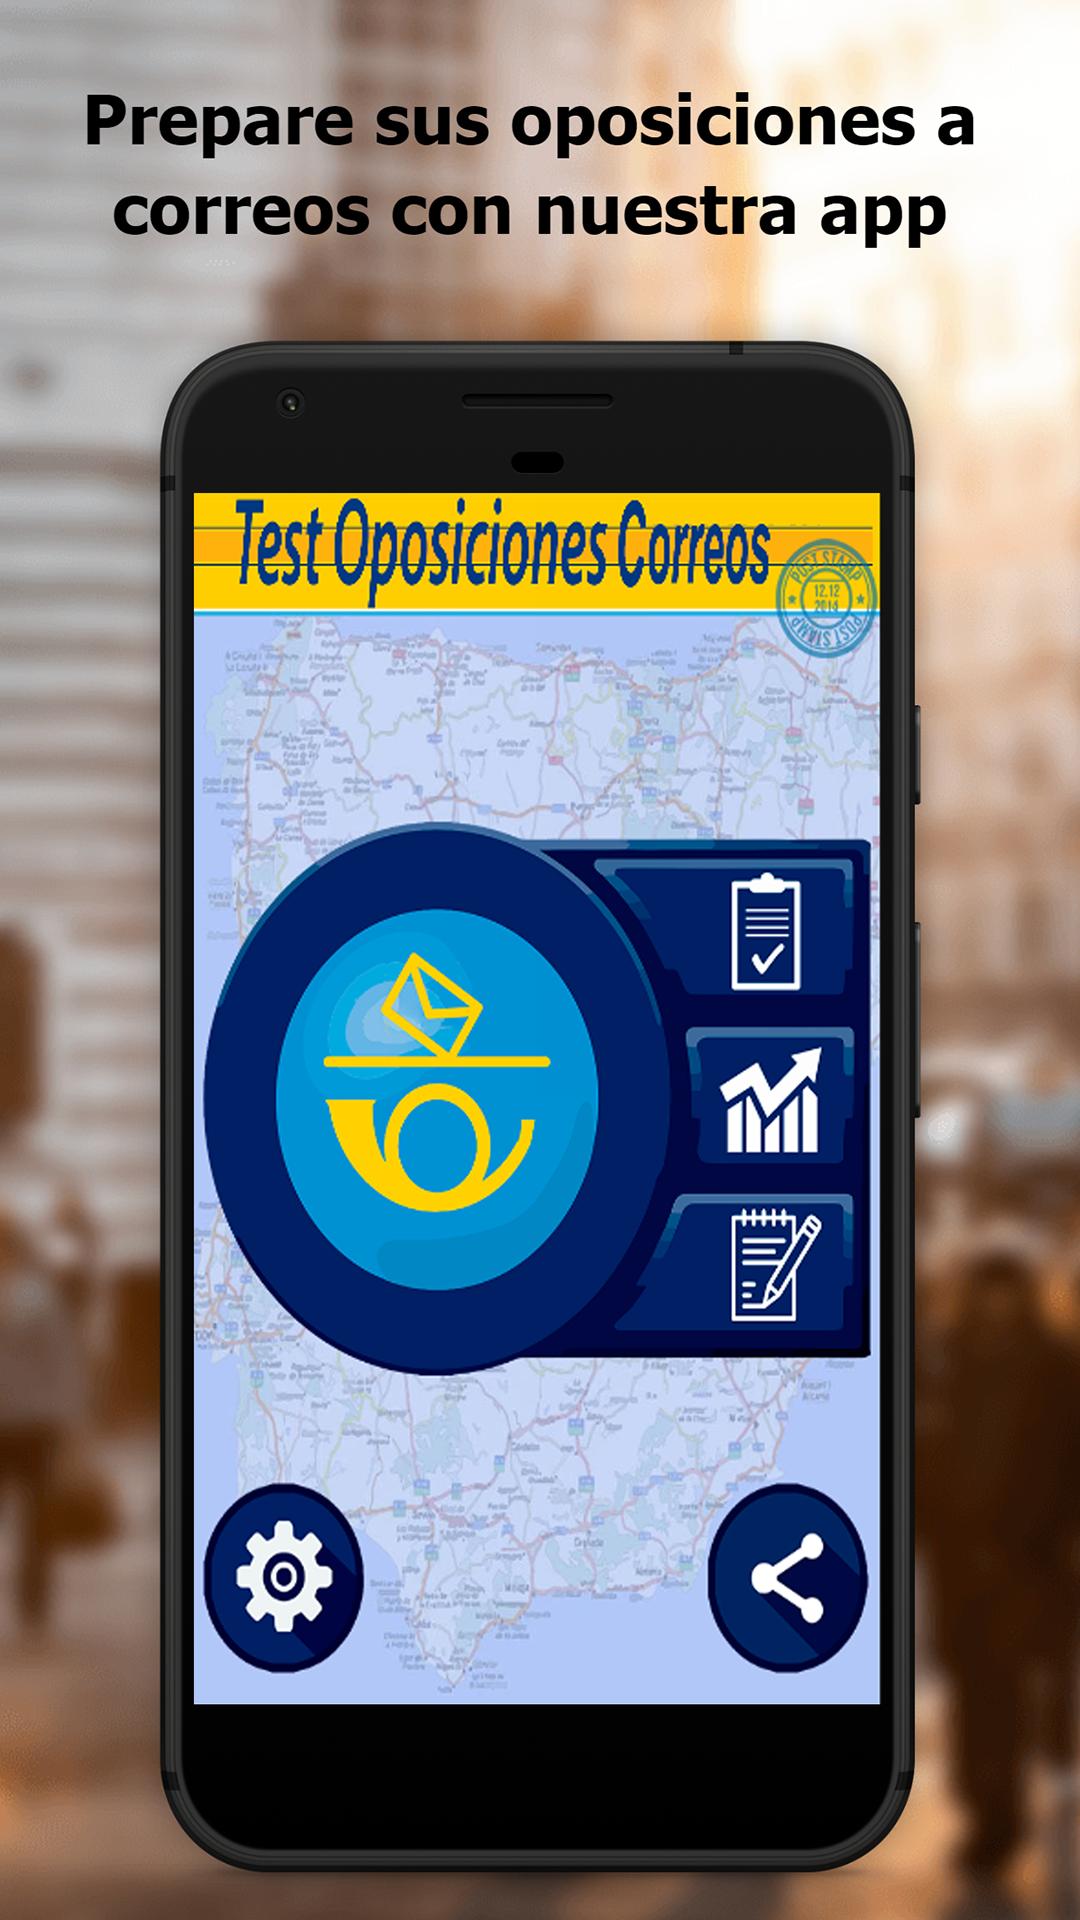 Test Oposiciones Correos